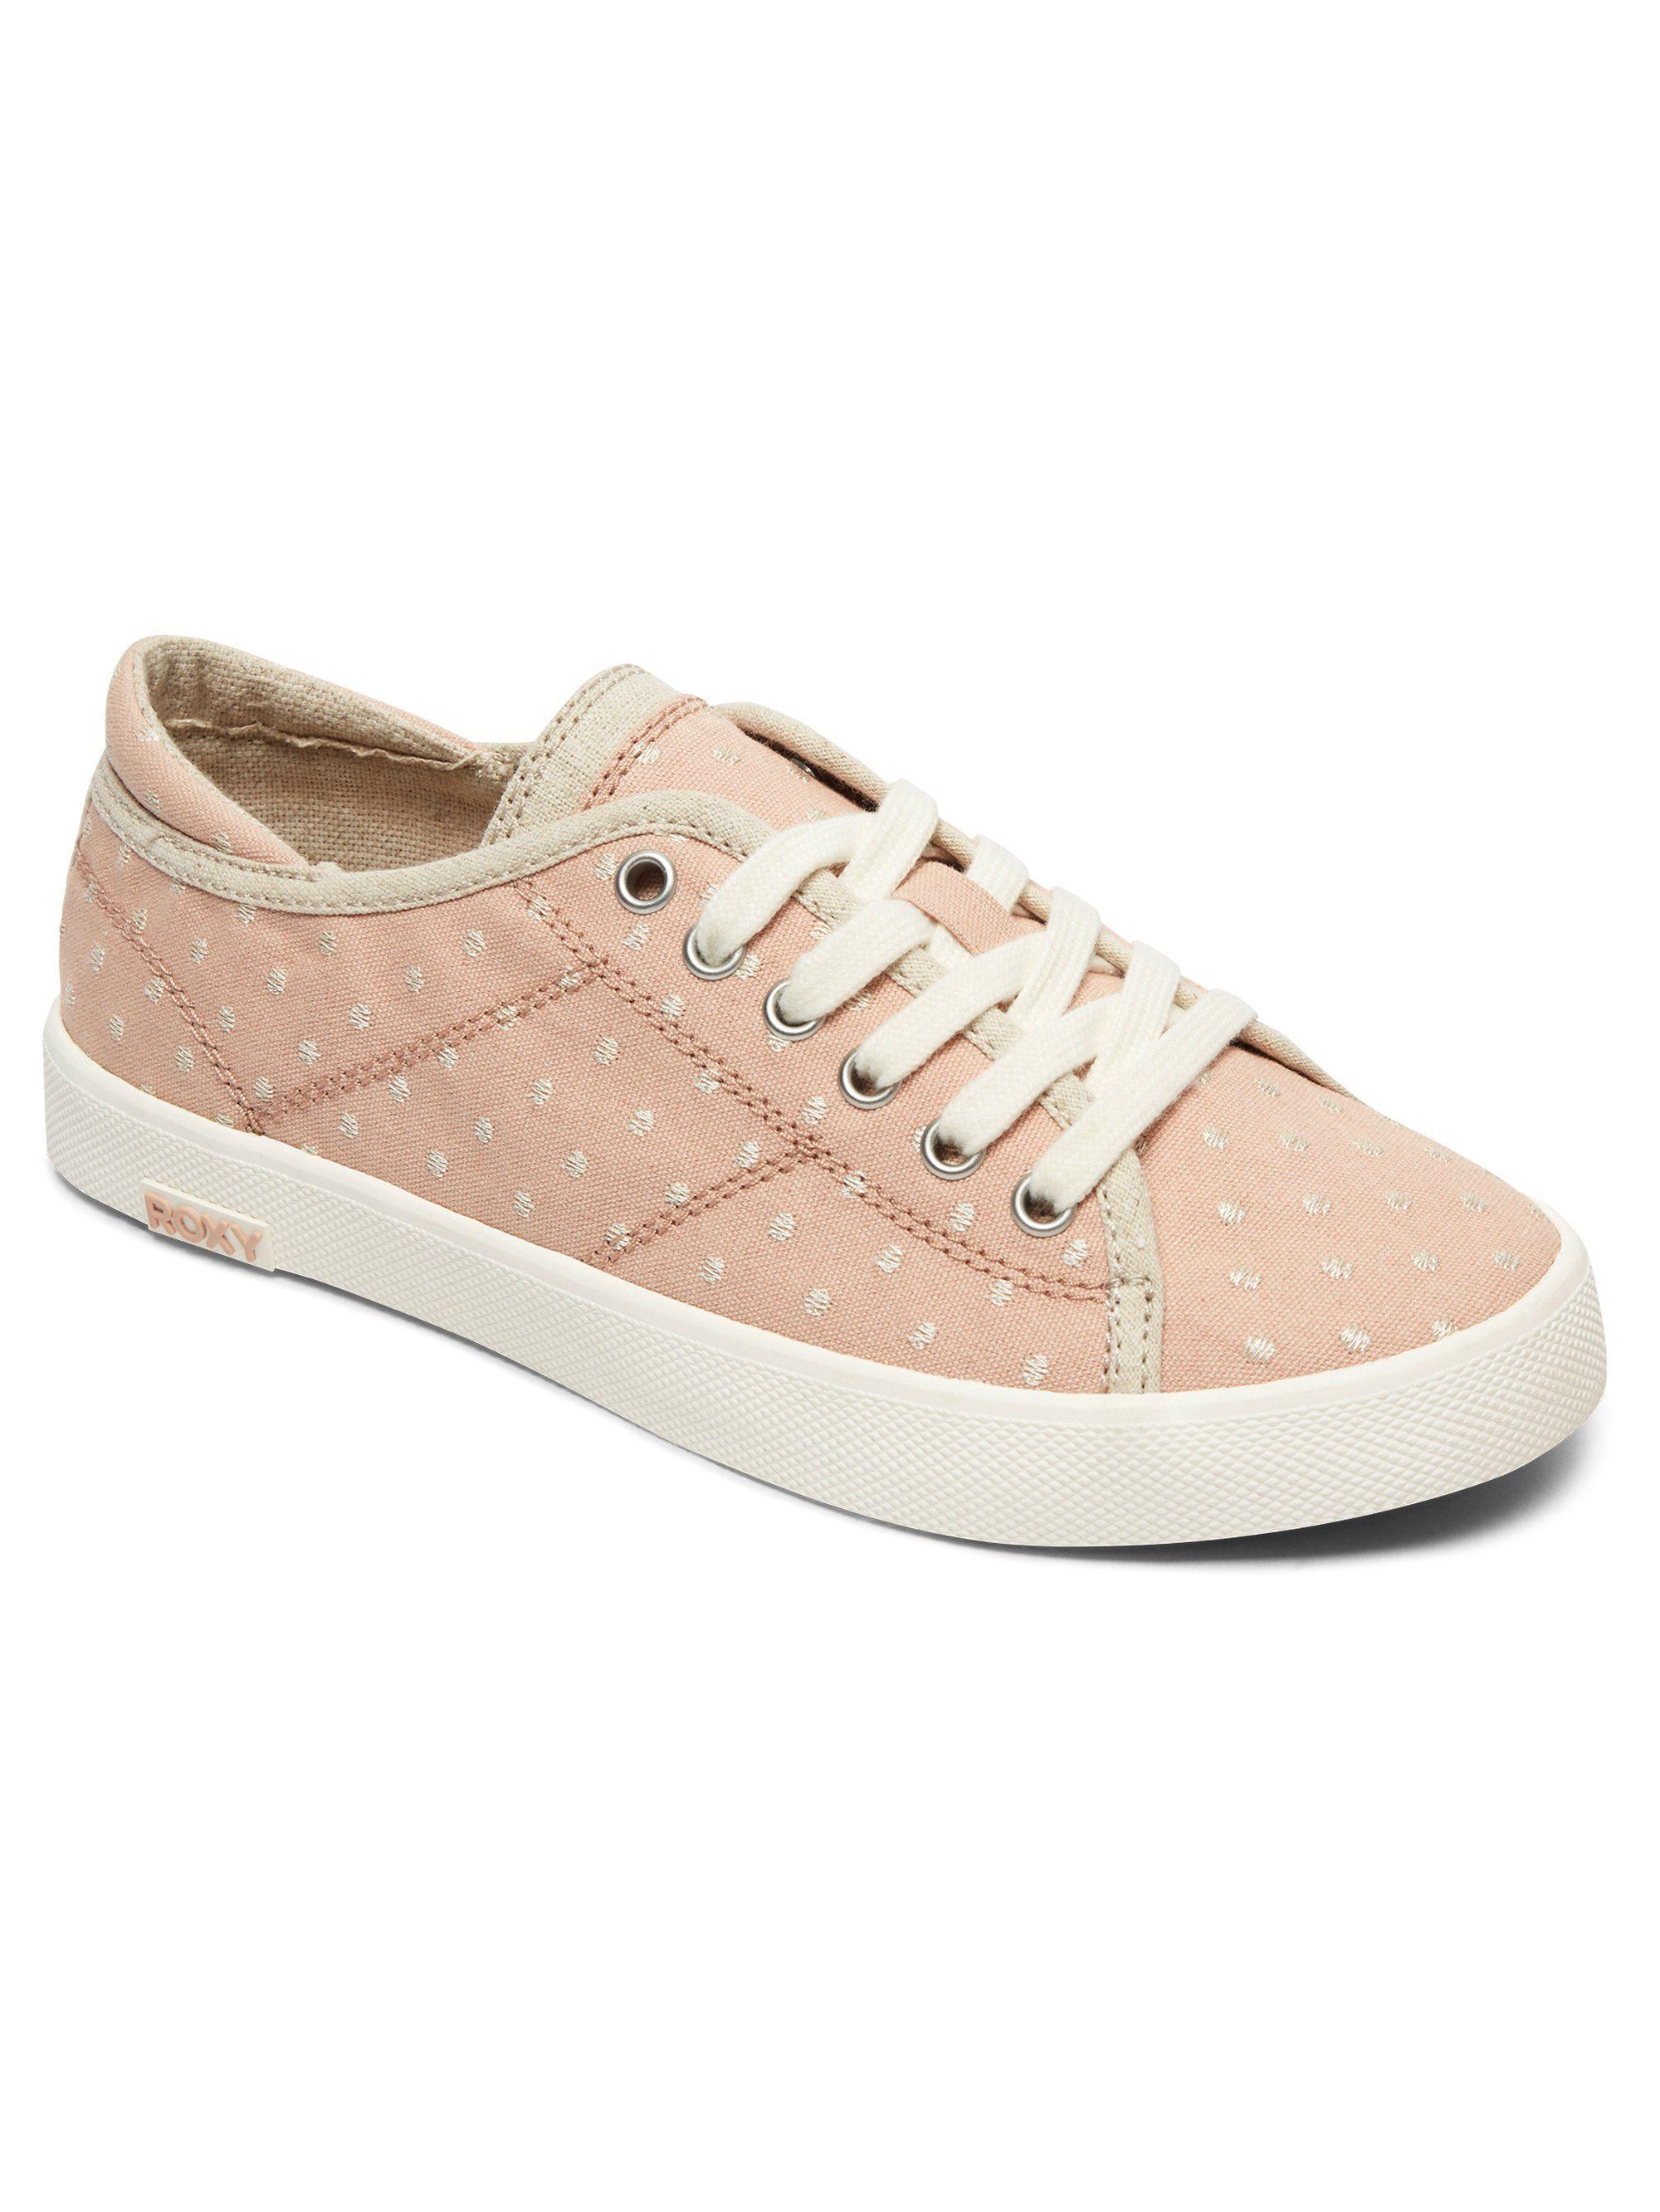 Roxy Schuhe North Shore online kaufen  Blush